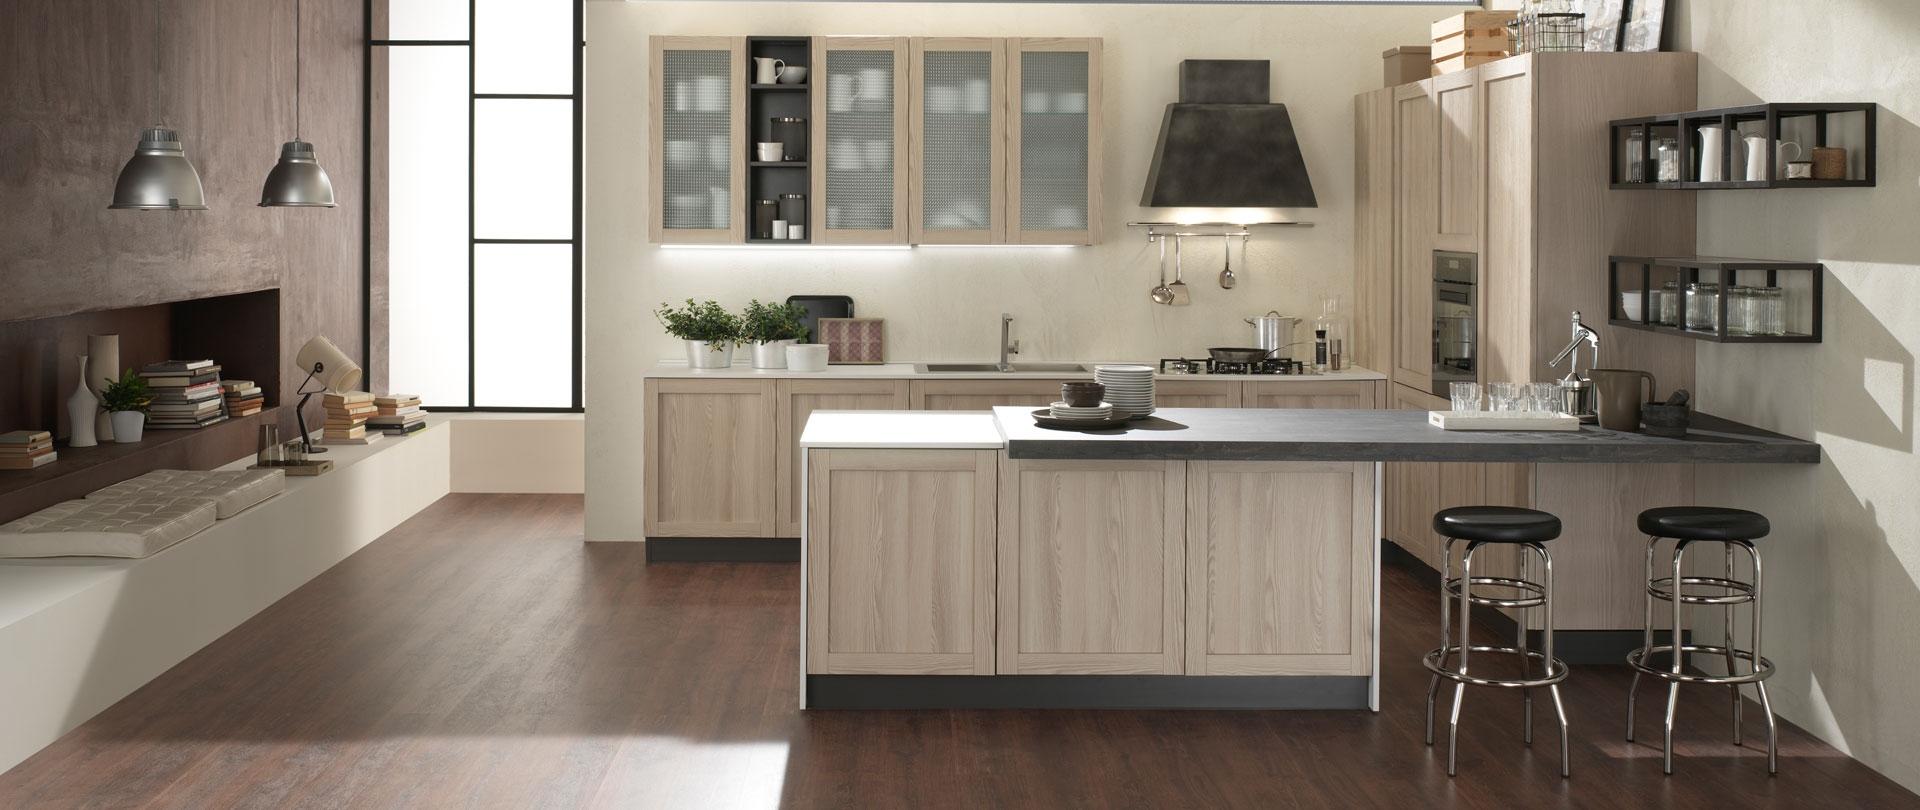 Cucina nuovi mondi cucine con isola shabby chic noir in - Cucina con isola misure ...